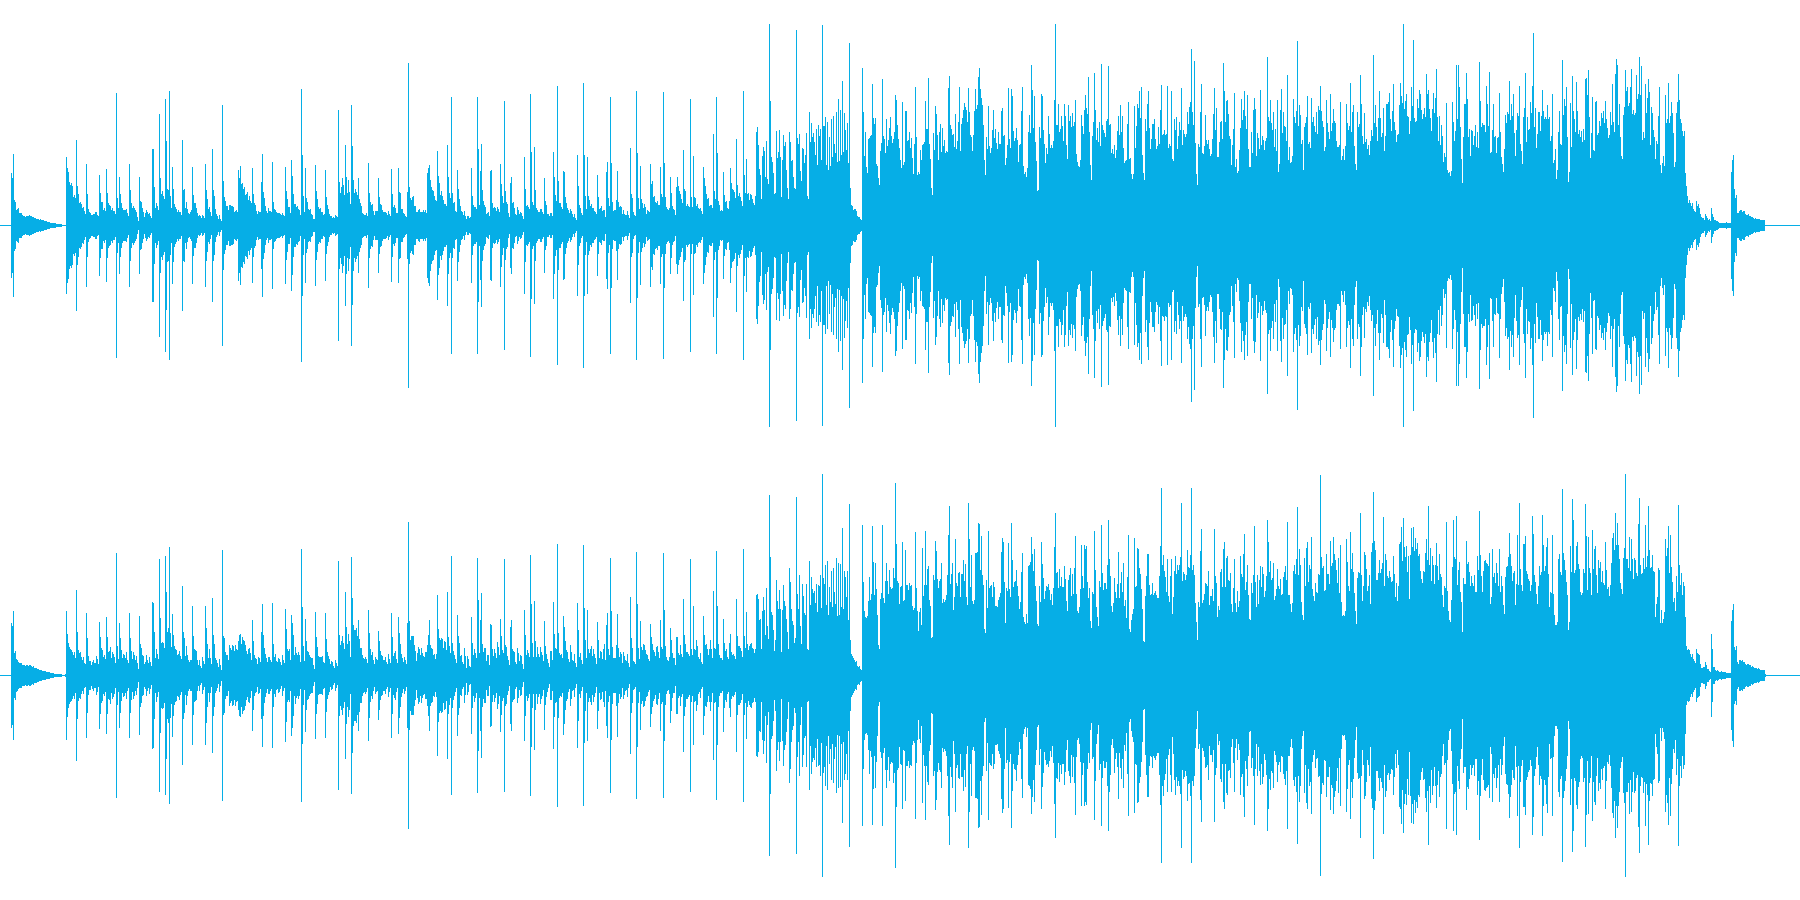 ジャズからEDMに変化する、オシャレな曲の再生済みの波形